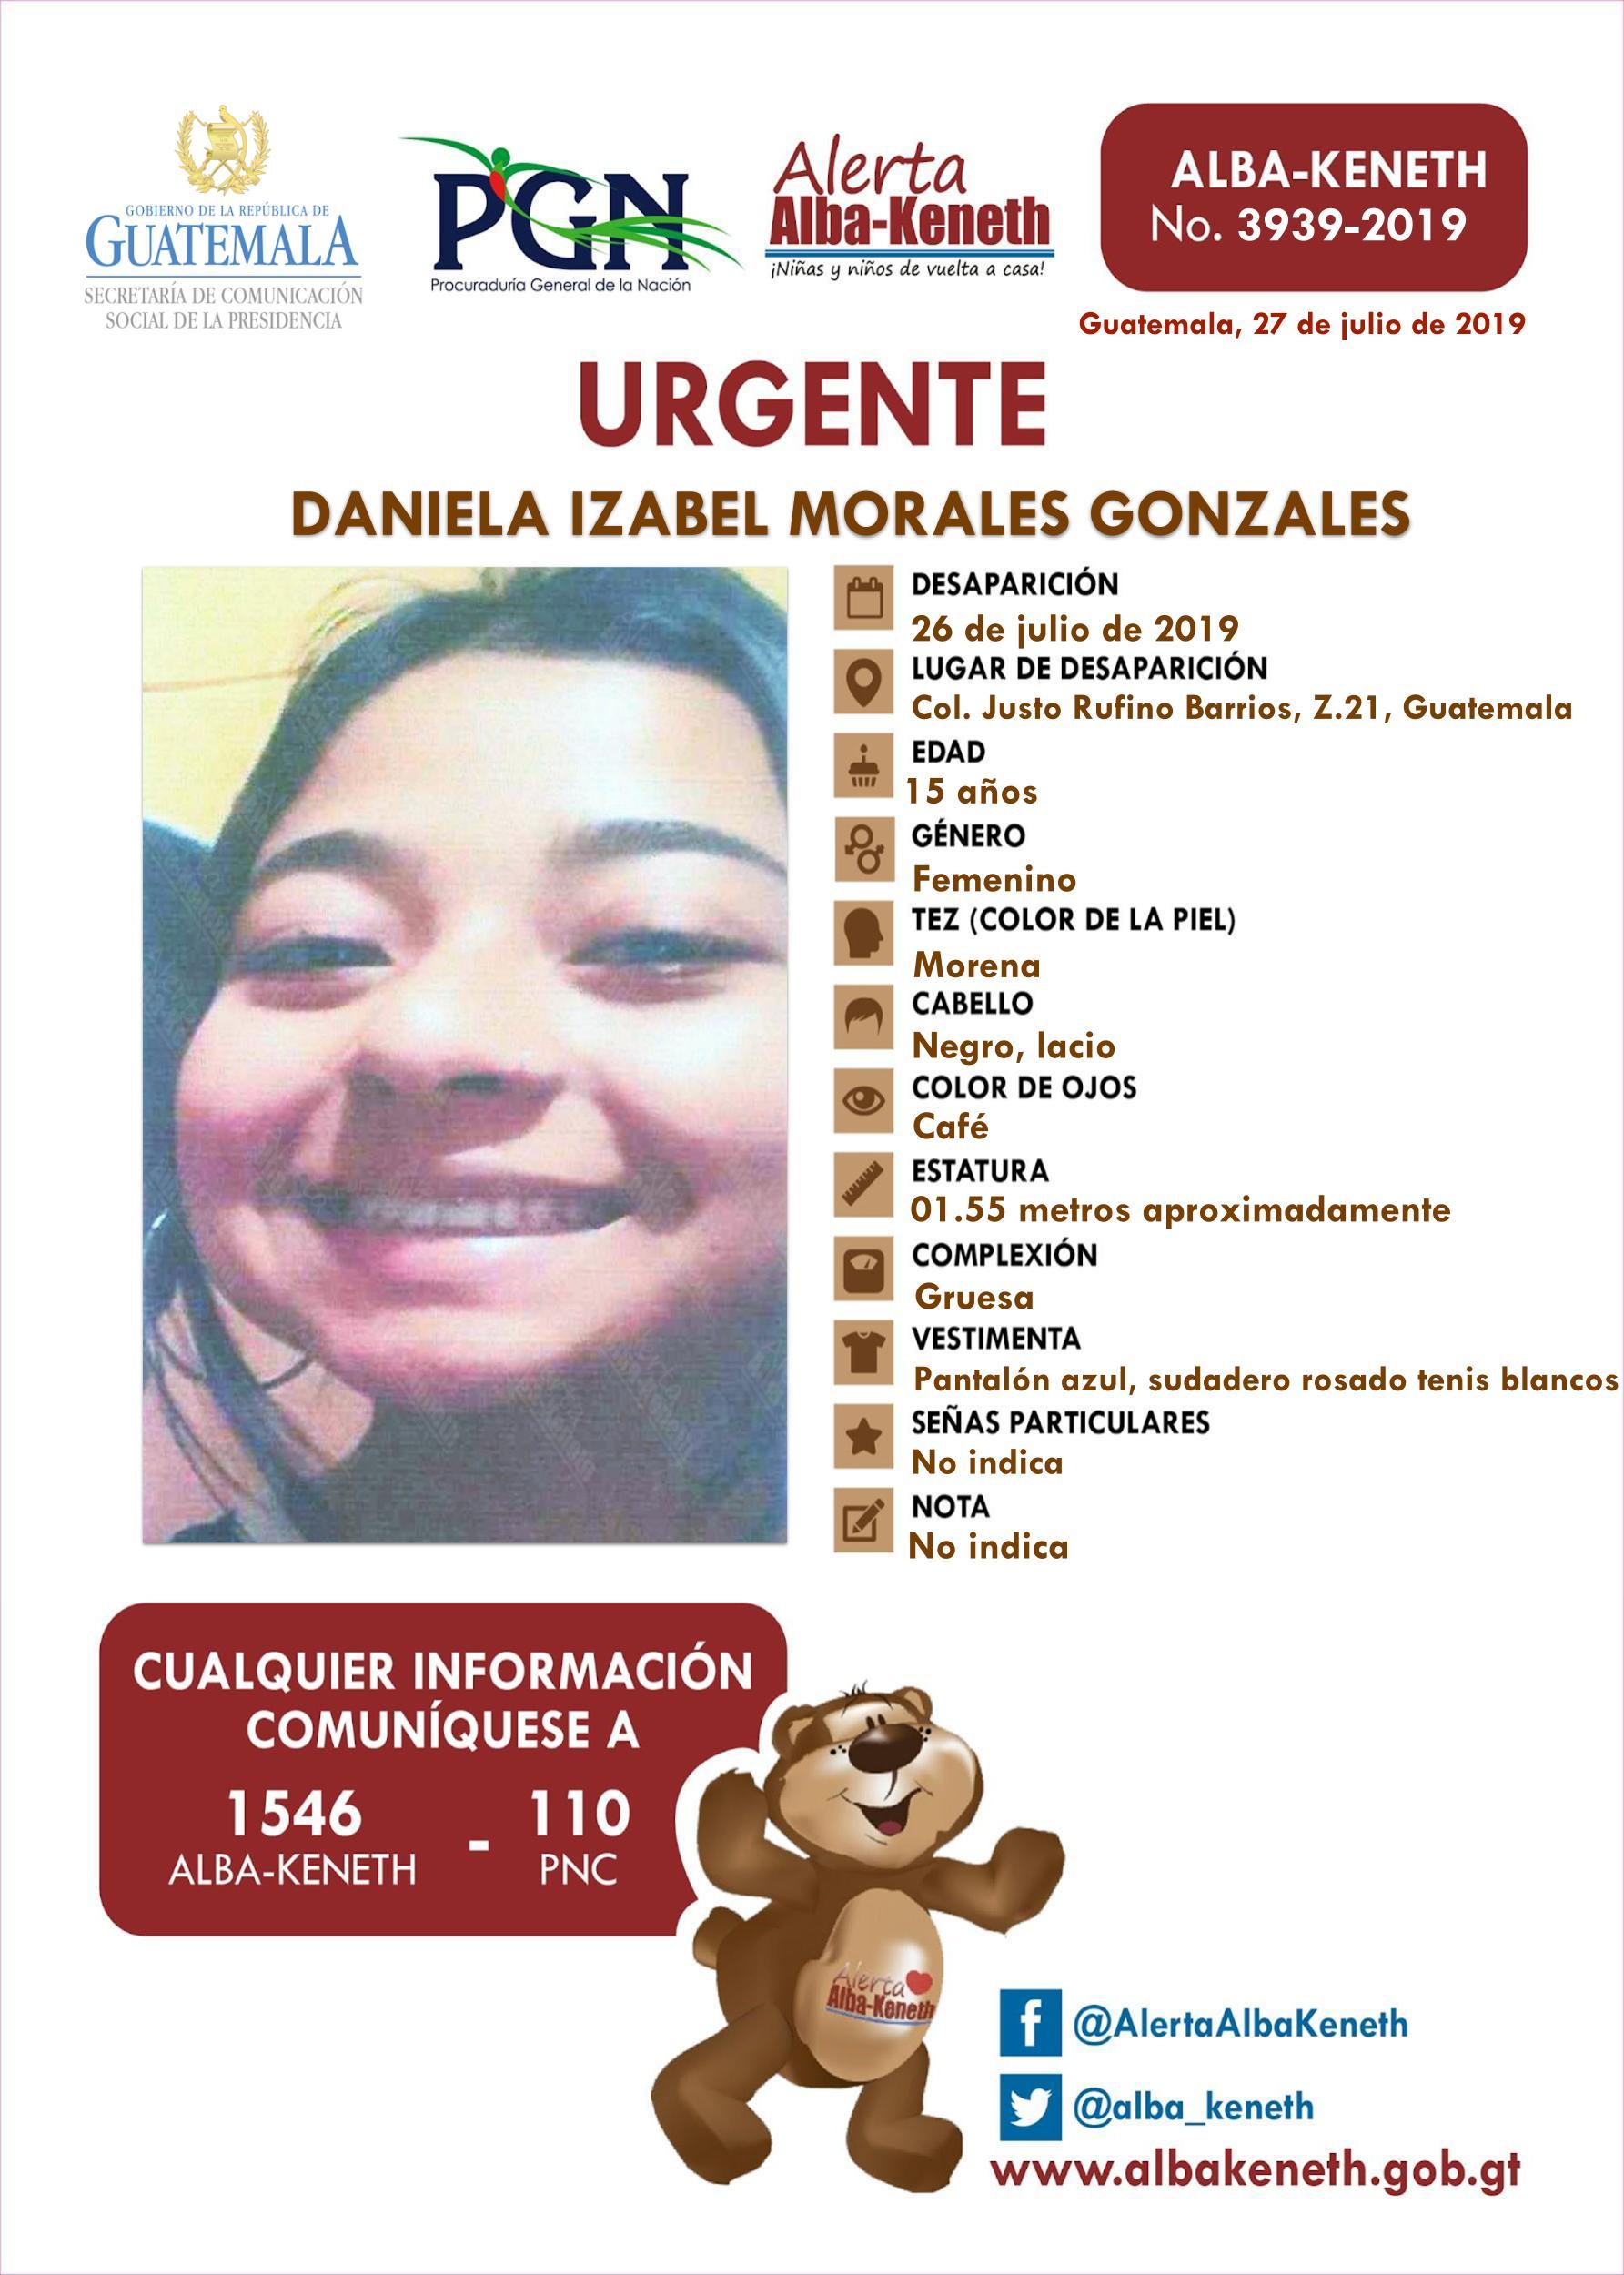 Daniela Izabel Morales Gonzales